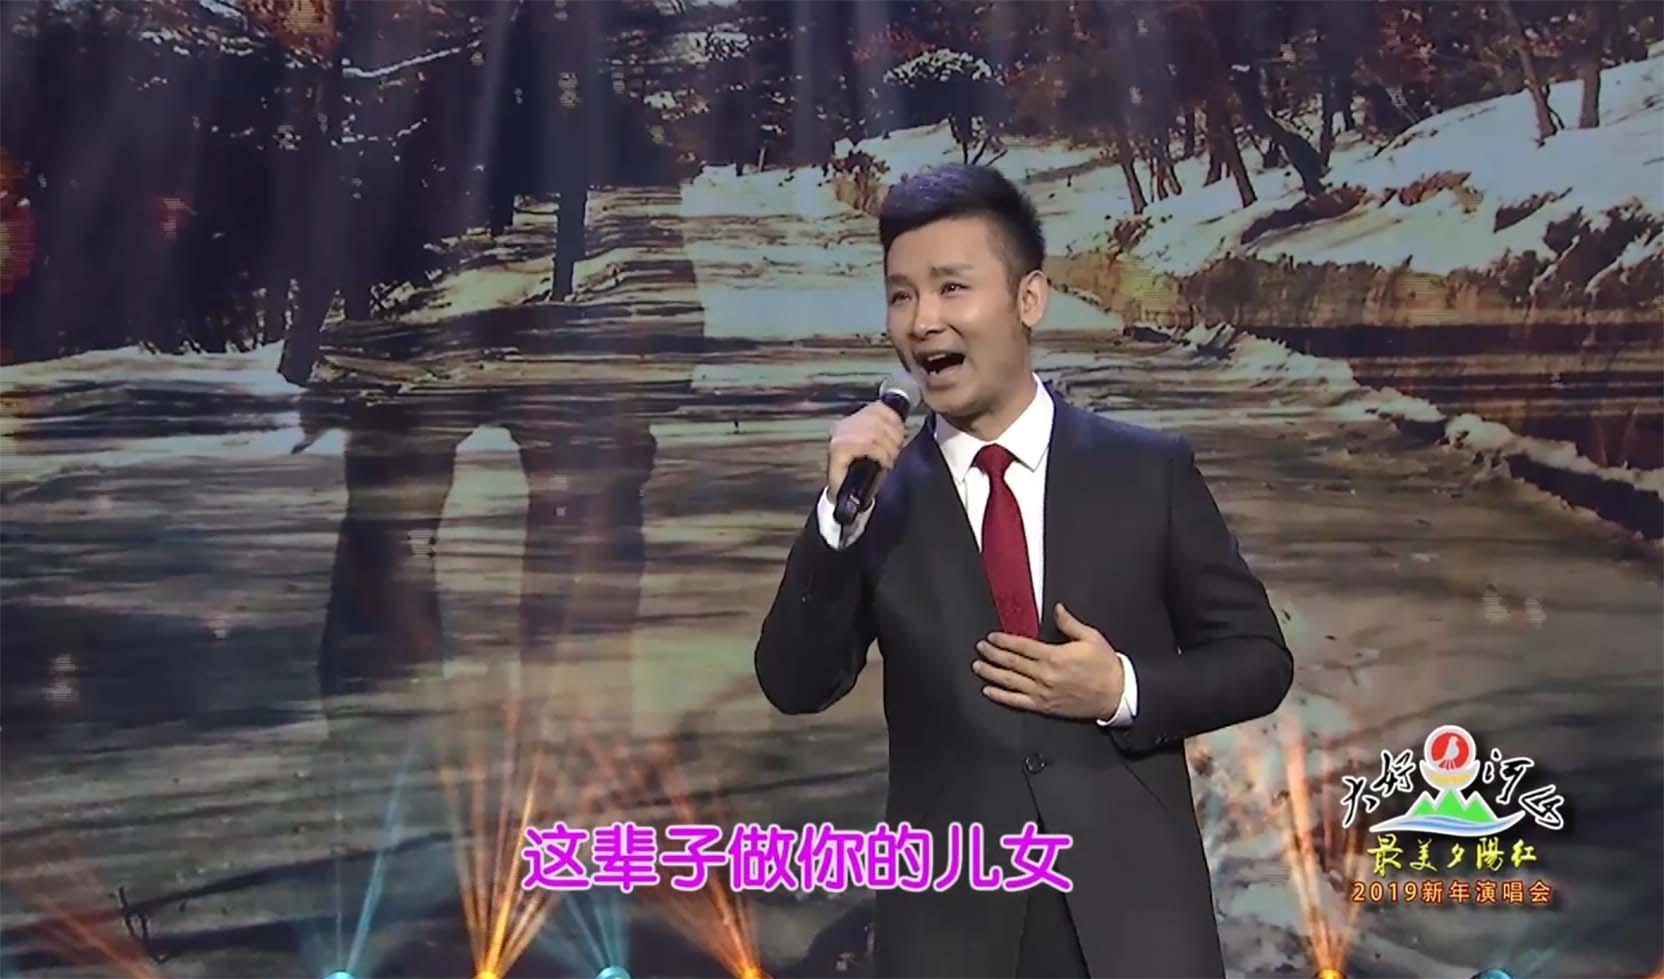 """大好河山2019""""最美夕阳红""""新年公益晚会 歌曲《父亲》刘和刚"""